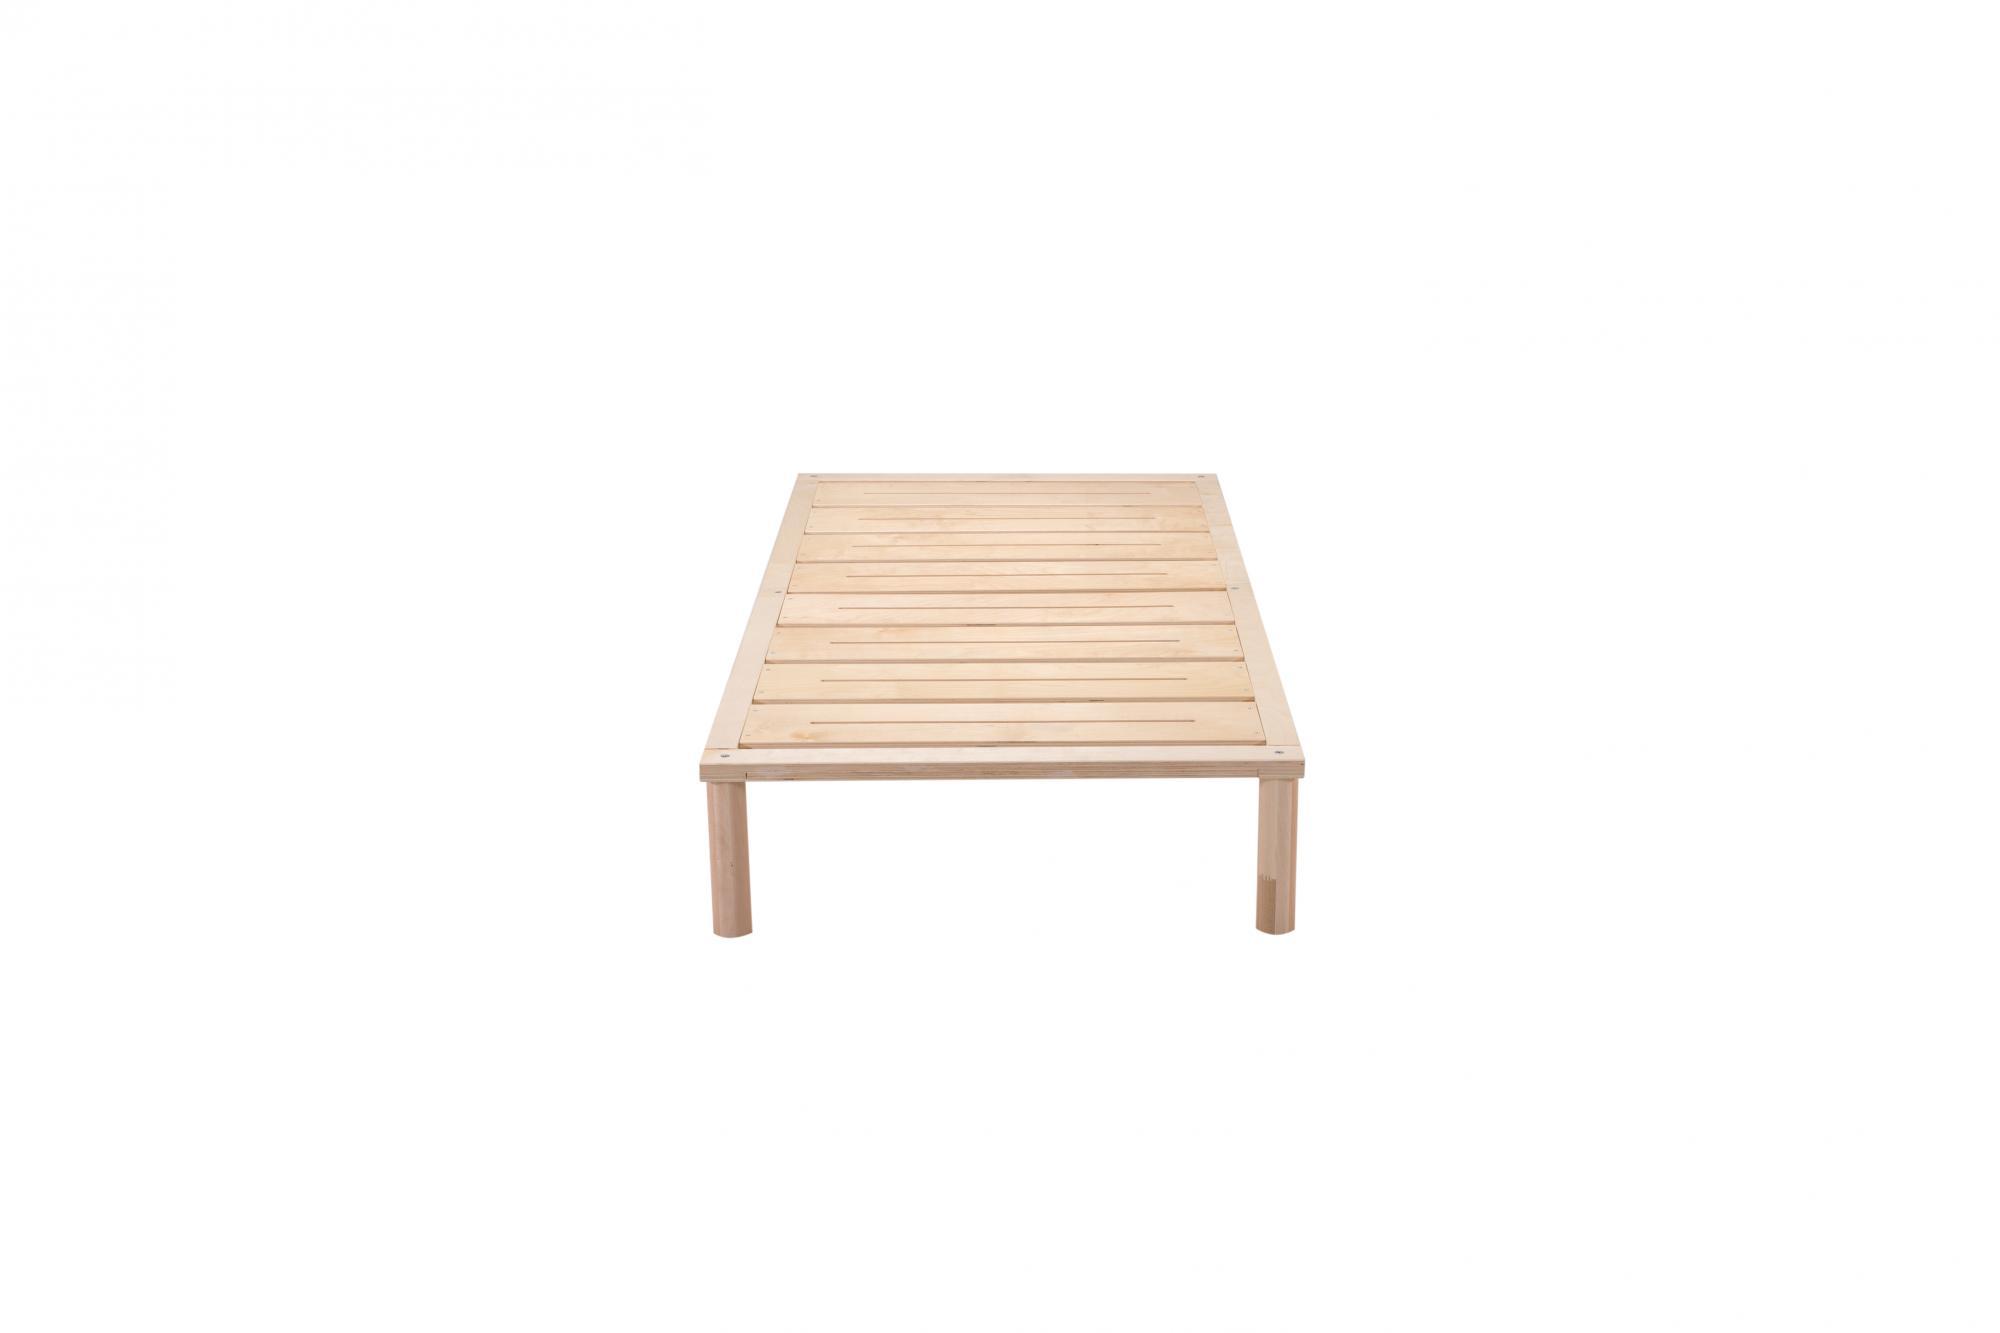 Gigapur G1 26882 Bett | Lattenrost und Bettgestell | Birke Natur Schicht-Holz | Bettrahmen belastbar bis 195 Kg | 90 x 200 cm